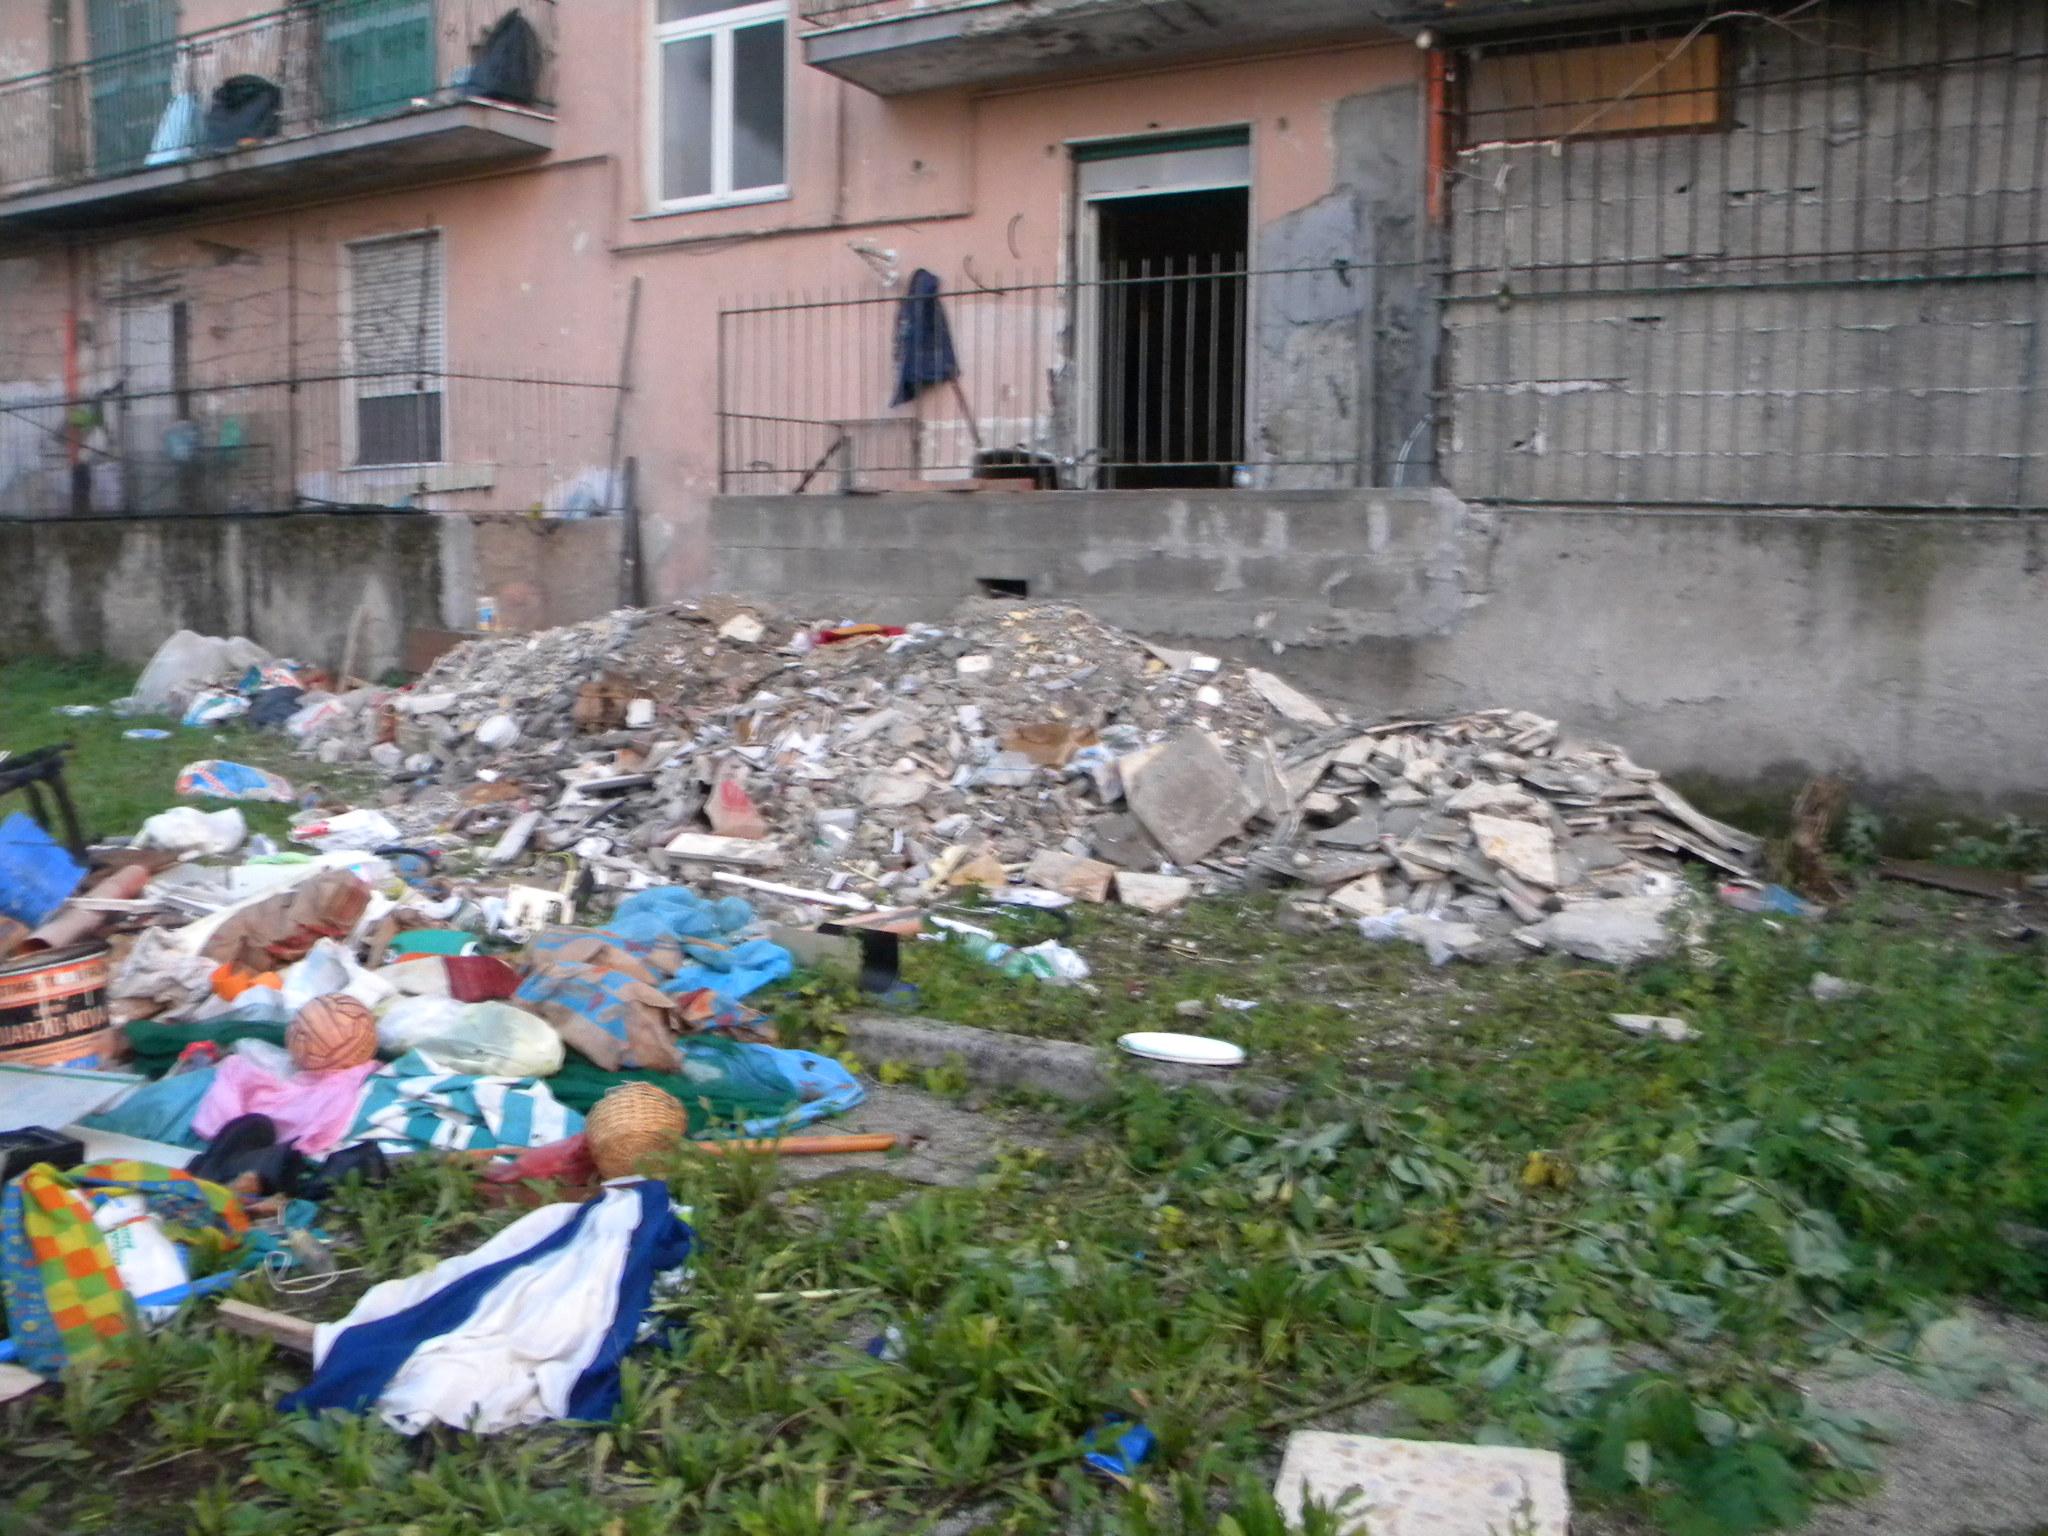 Ristruttura appartamento e abbandona gli scarti edili, sanzionato 64enne